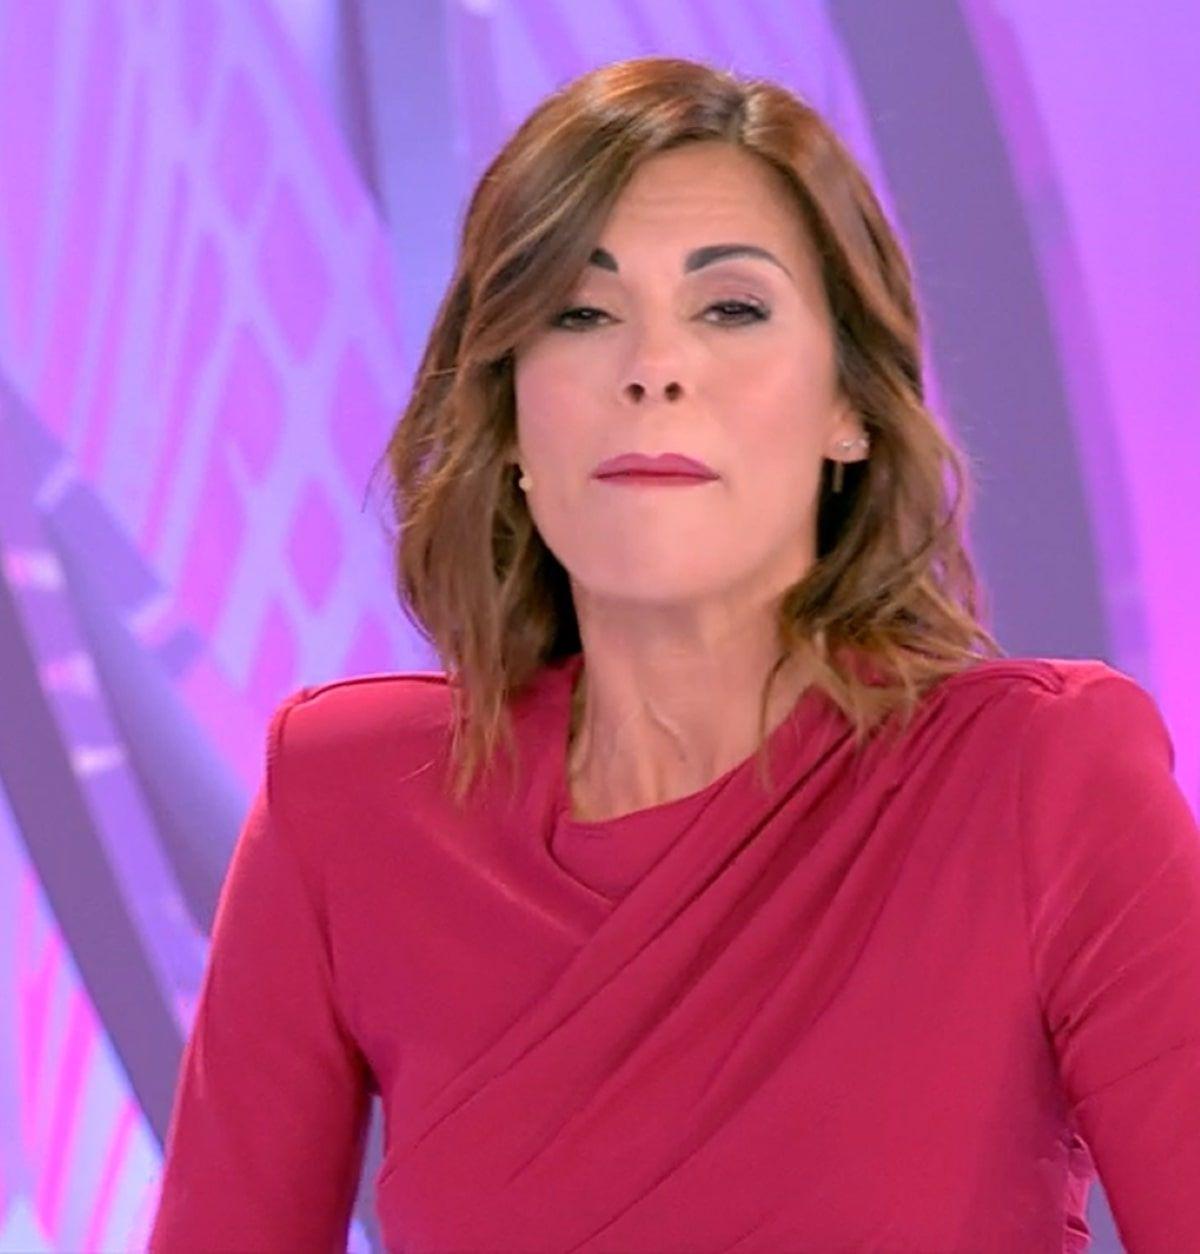 Bianca Guaccero Gaffe Detto Fatto Nonna Simona Ventura